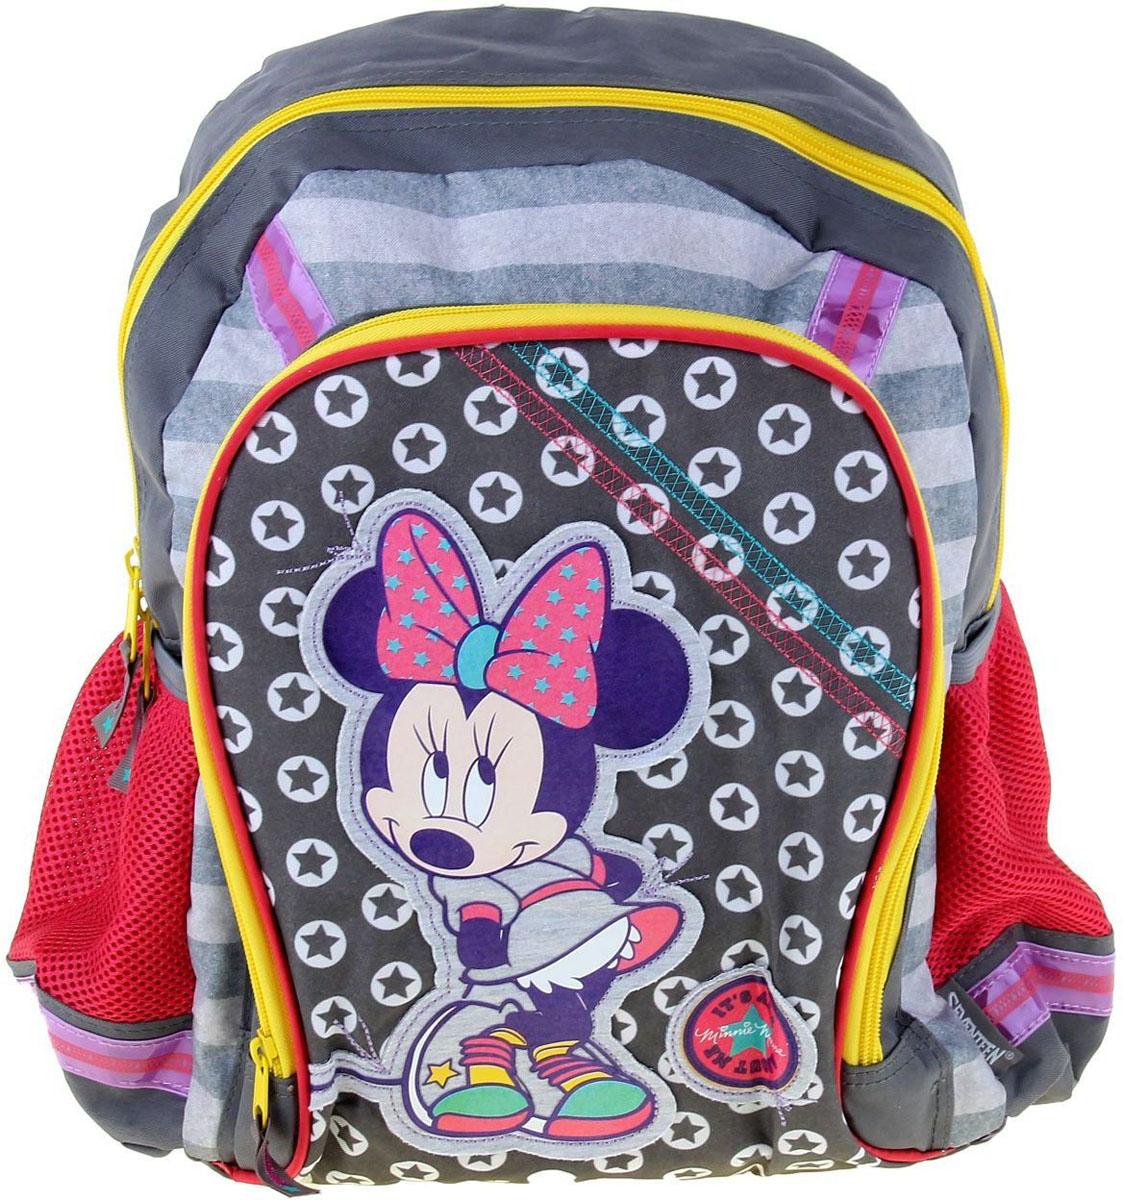 Disney Рюкзак Minnie Mouse цвет темно-бежевый серый72523WDРюкзак школьный эргономичная спинка Disney Minnie Mouse 40*30*13, для девочки, серый — это более мягкая, по сравнению с ранцем, эргономичная текстильная школьная сумка, обладающая оригинальным дизайном и большой вместительностью.В спинку такого рюкзака вставлена пенка, а на местах максимального соприкосновения с телом ребёнка (лопатки, поясница, плечи) ещё и нашиты дополнительные мягкие подушечки, которые дают возможность циркулировать воздуху, обеспечивая комфортные ощущения для спины.Именно такой рюкзак, по мнению врачей-ортопедов, считается оптимальным для школьников начальных и средних классов.